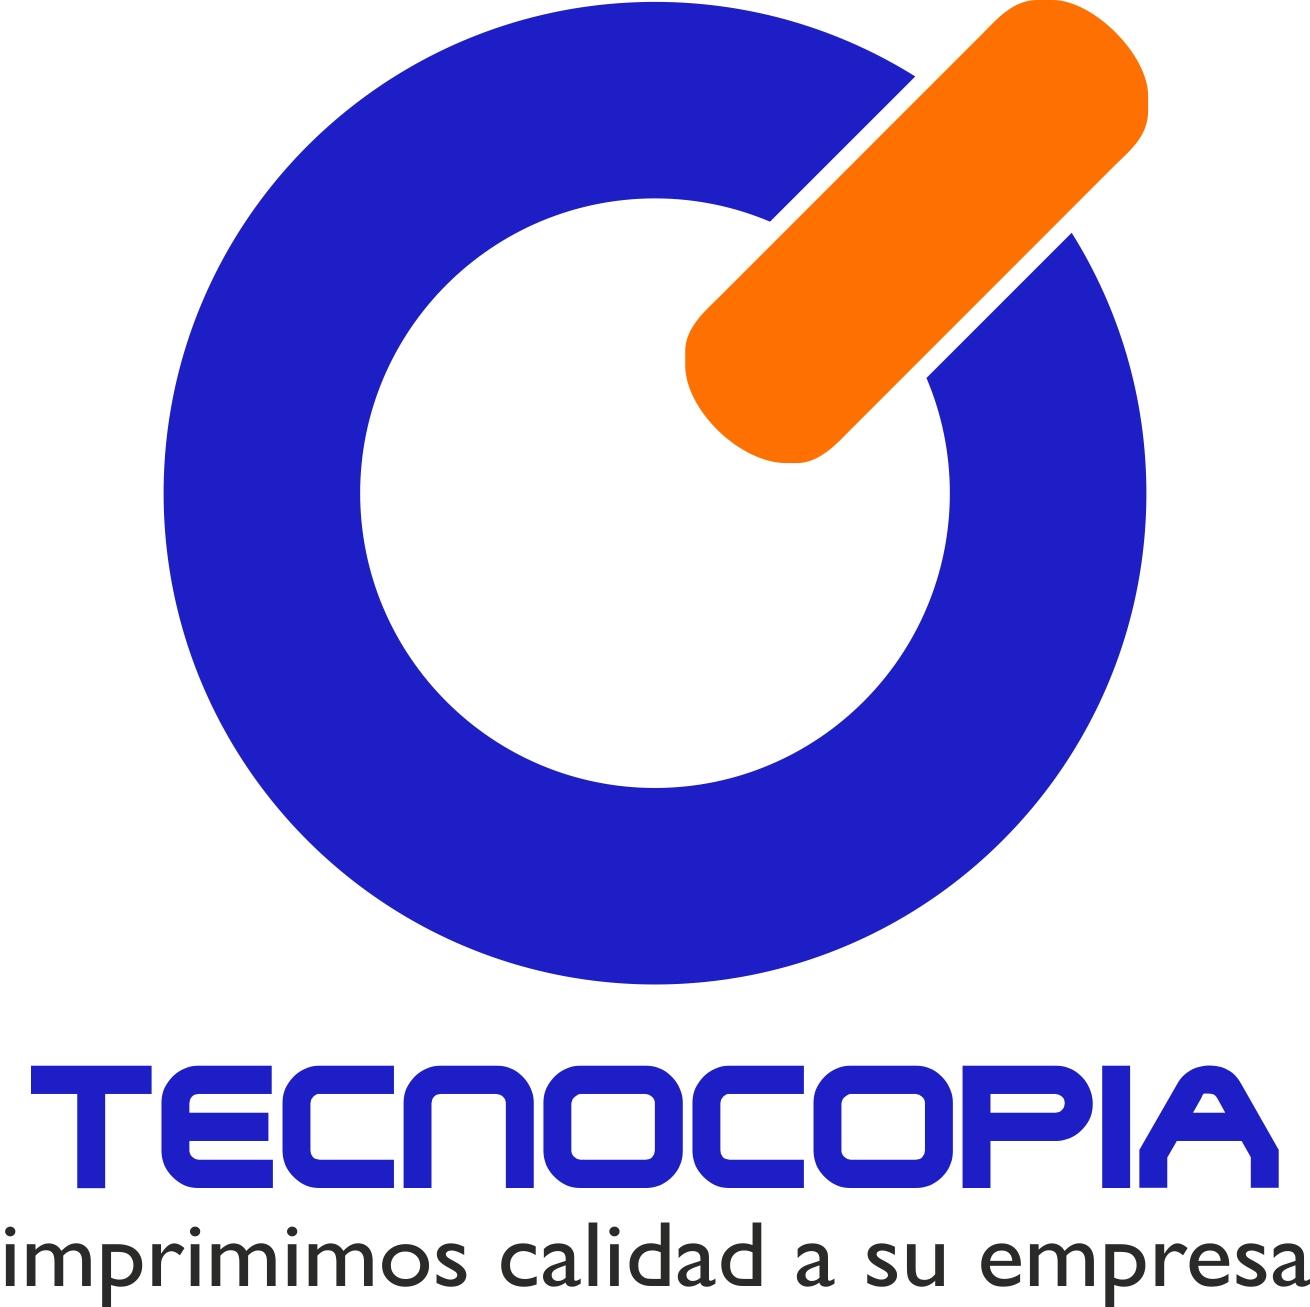 tecnocopia